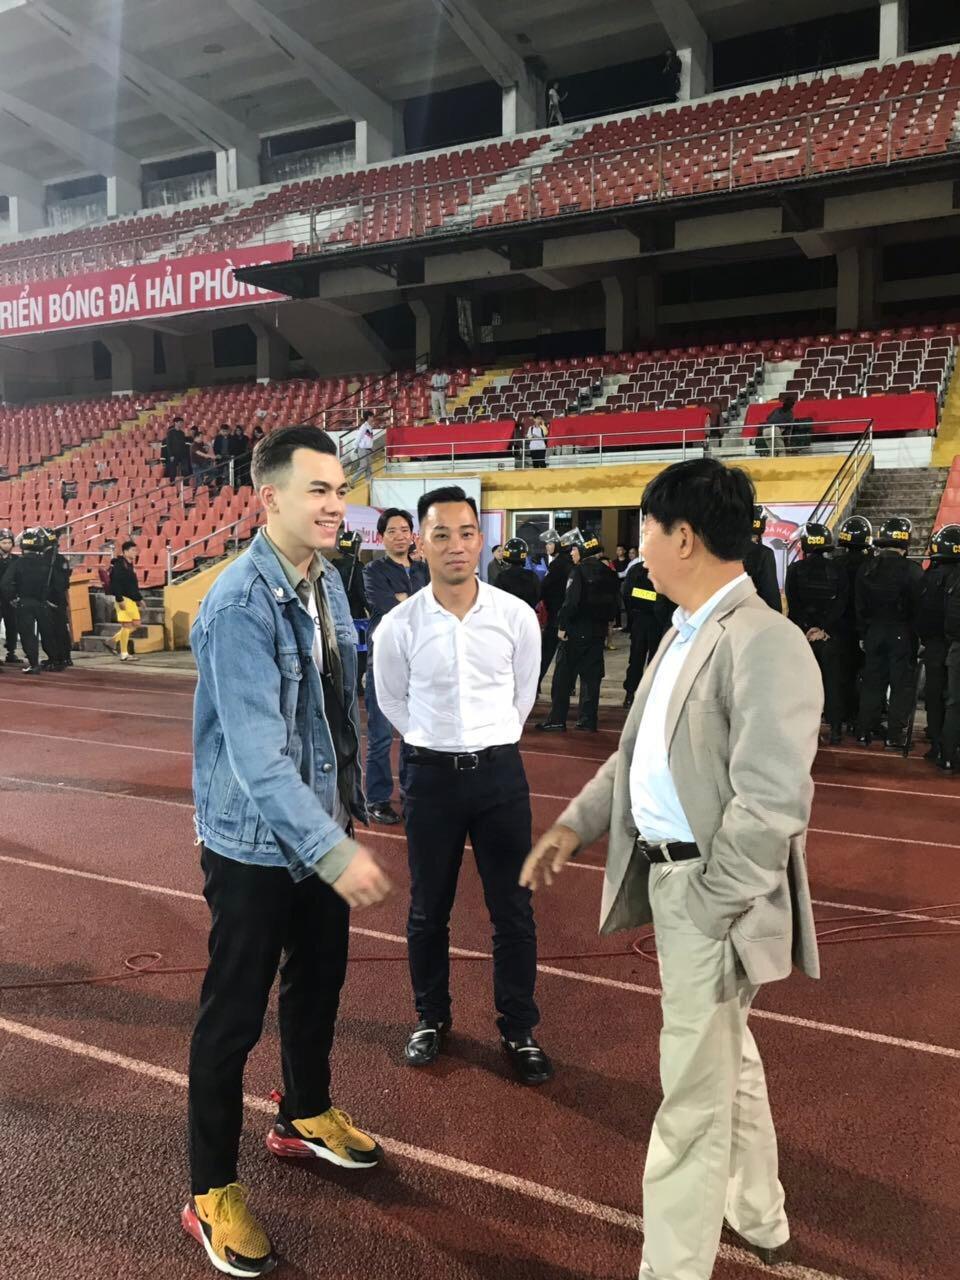 Andrey Nguyễn: Tân binh Việt kiều Nguyễn Hùng Anh của CLB Hải Phòng là ai?